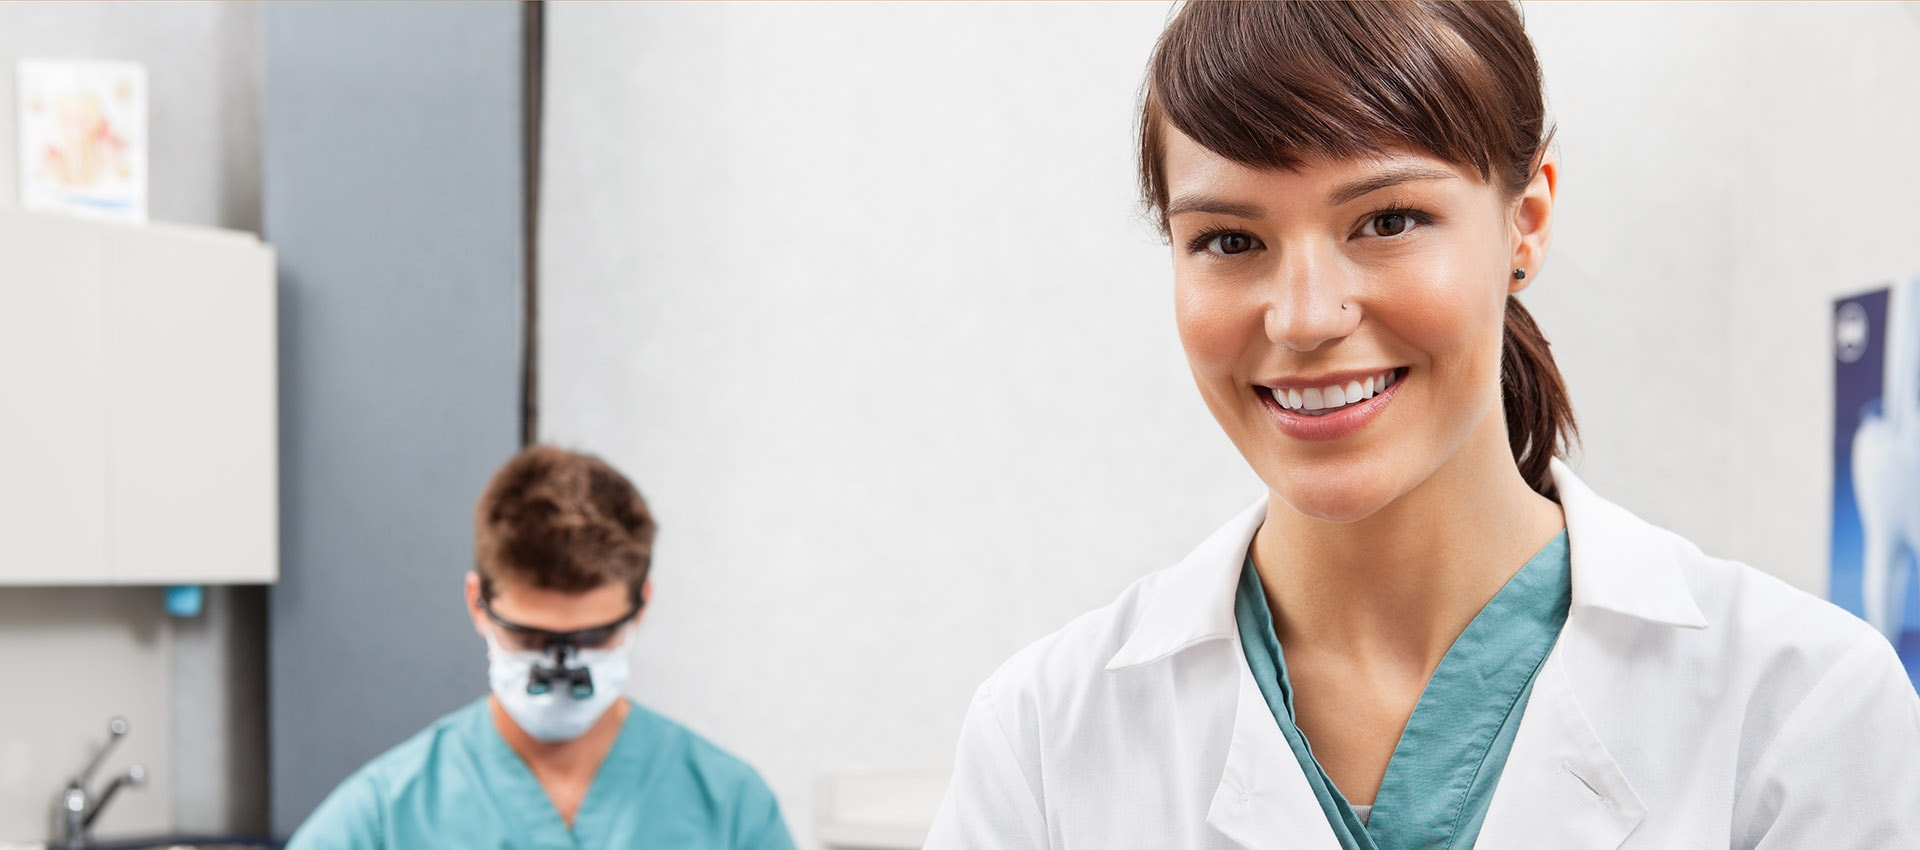 dental nurse how to become